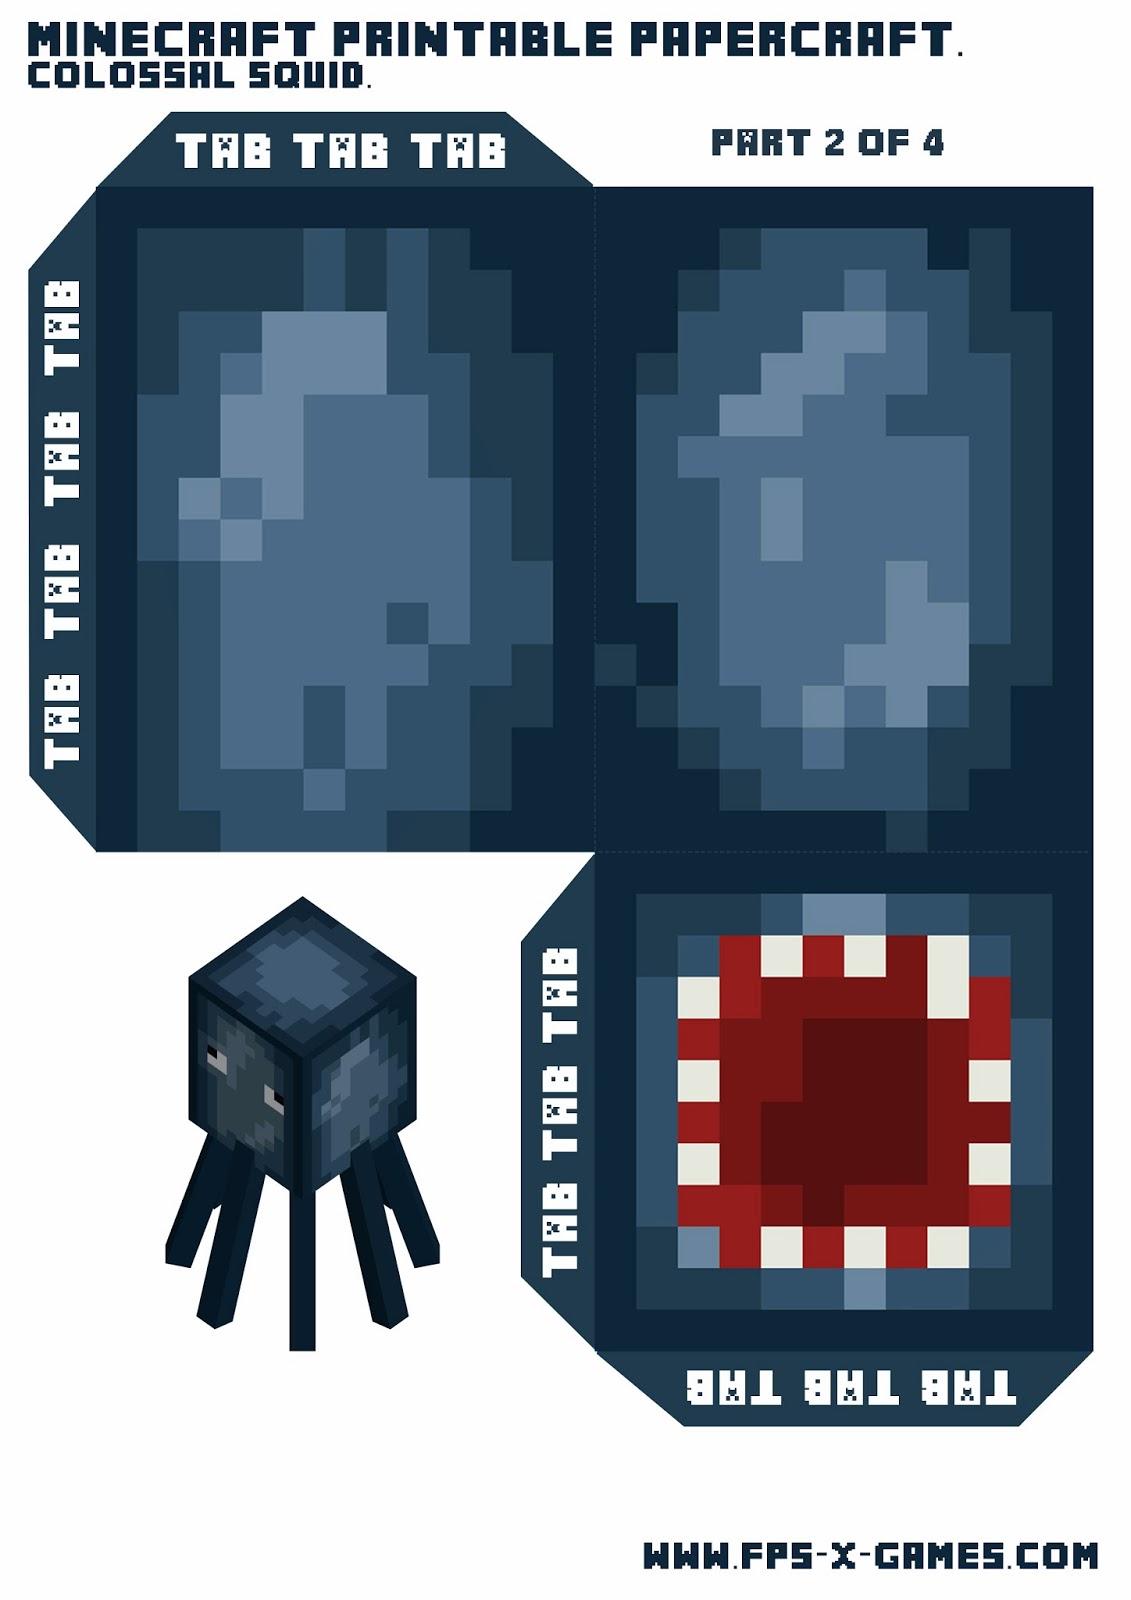 Minecraft papercraft mini squid